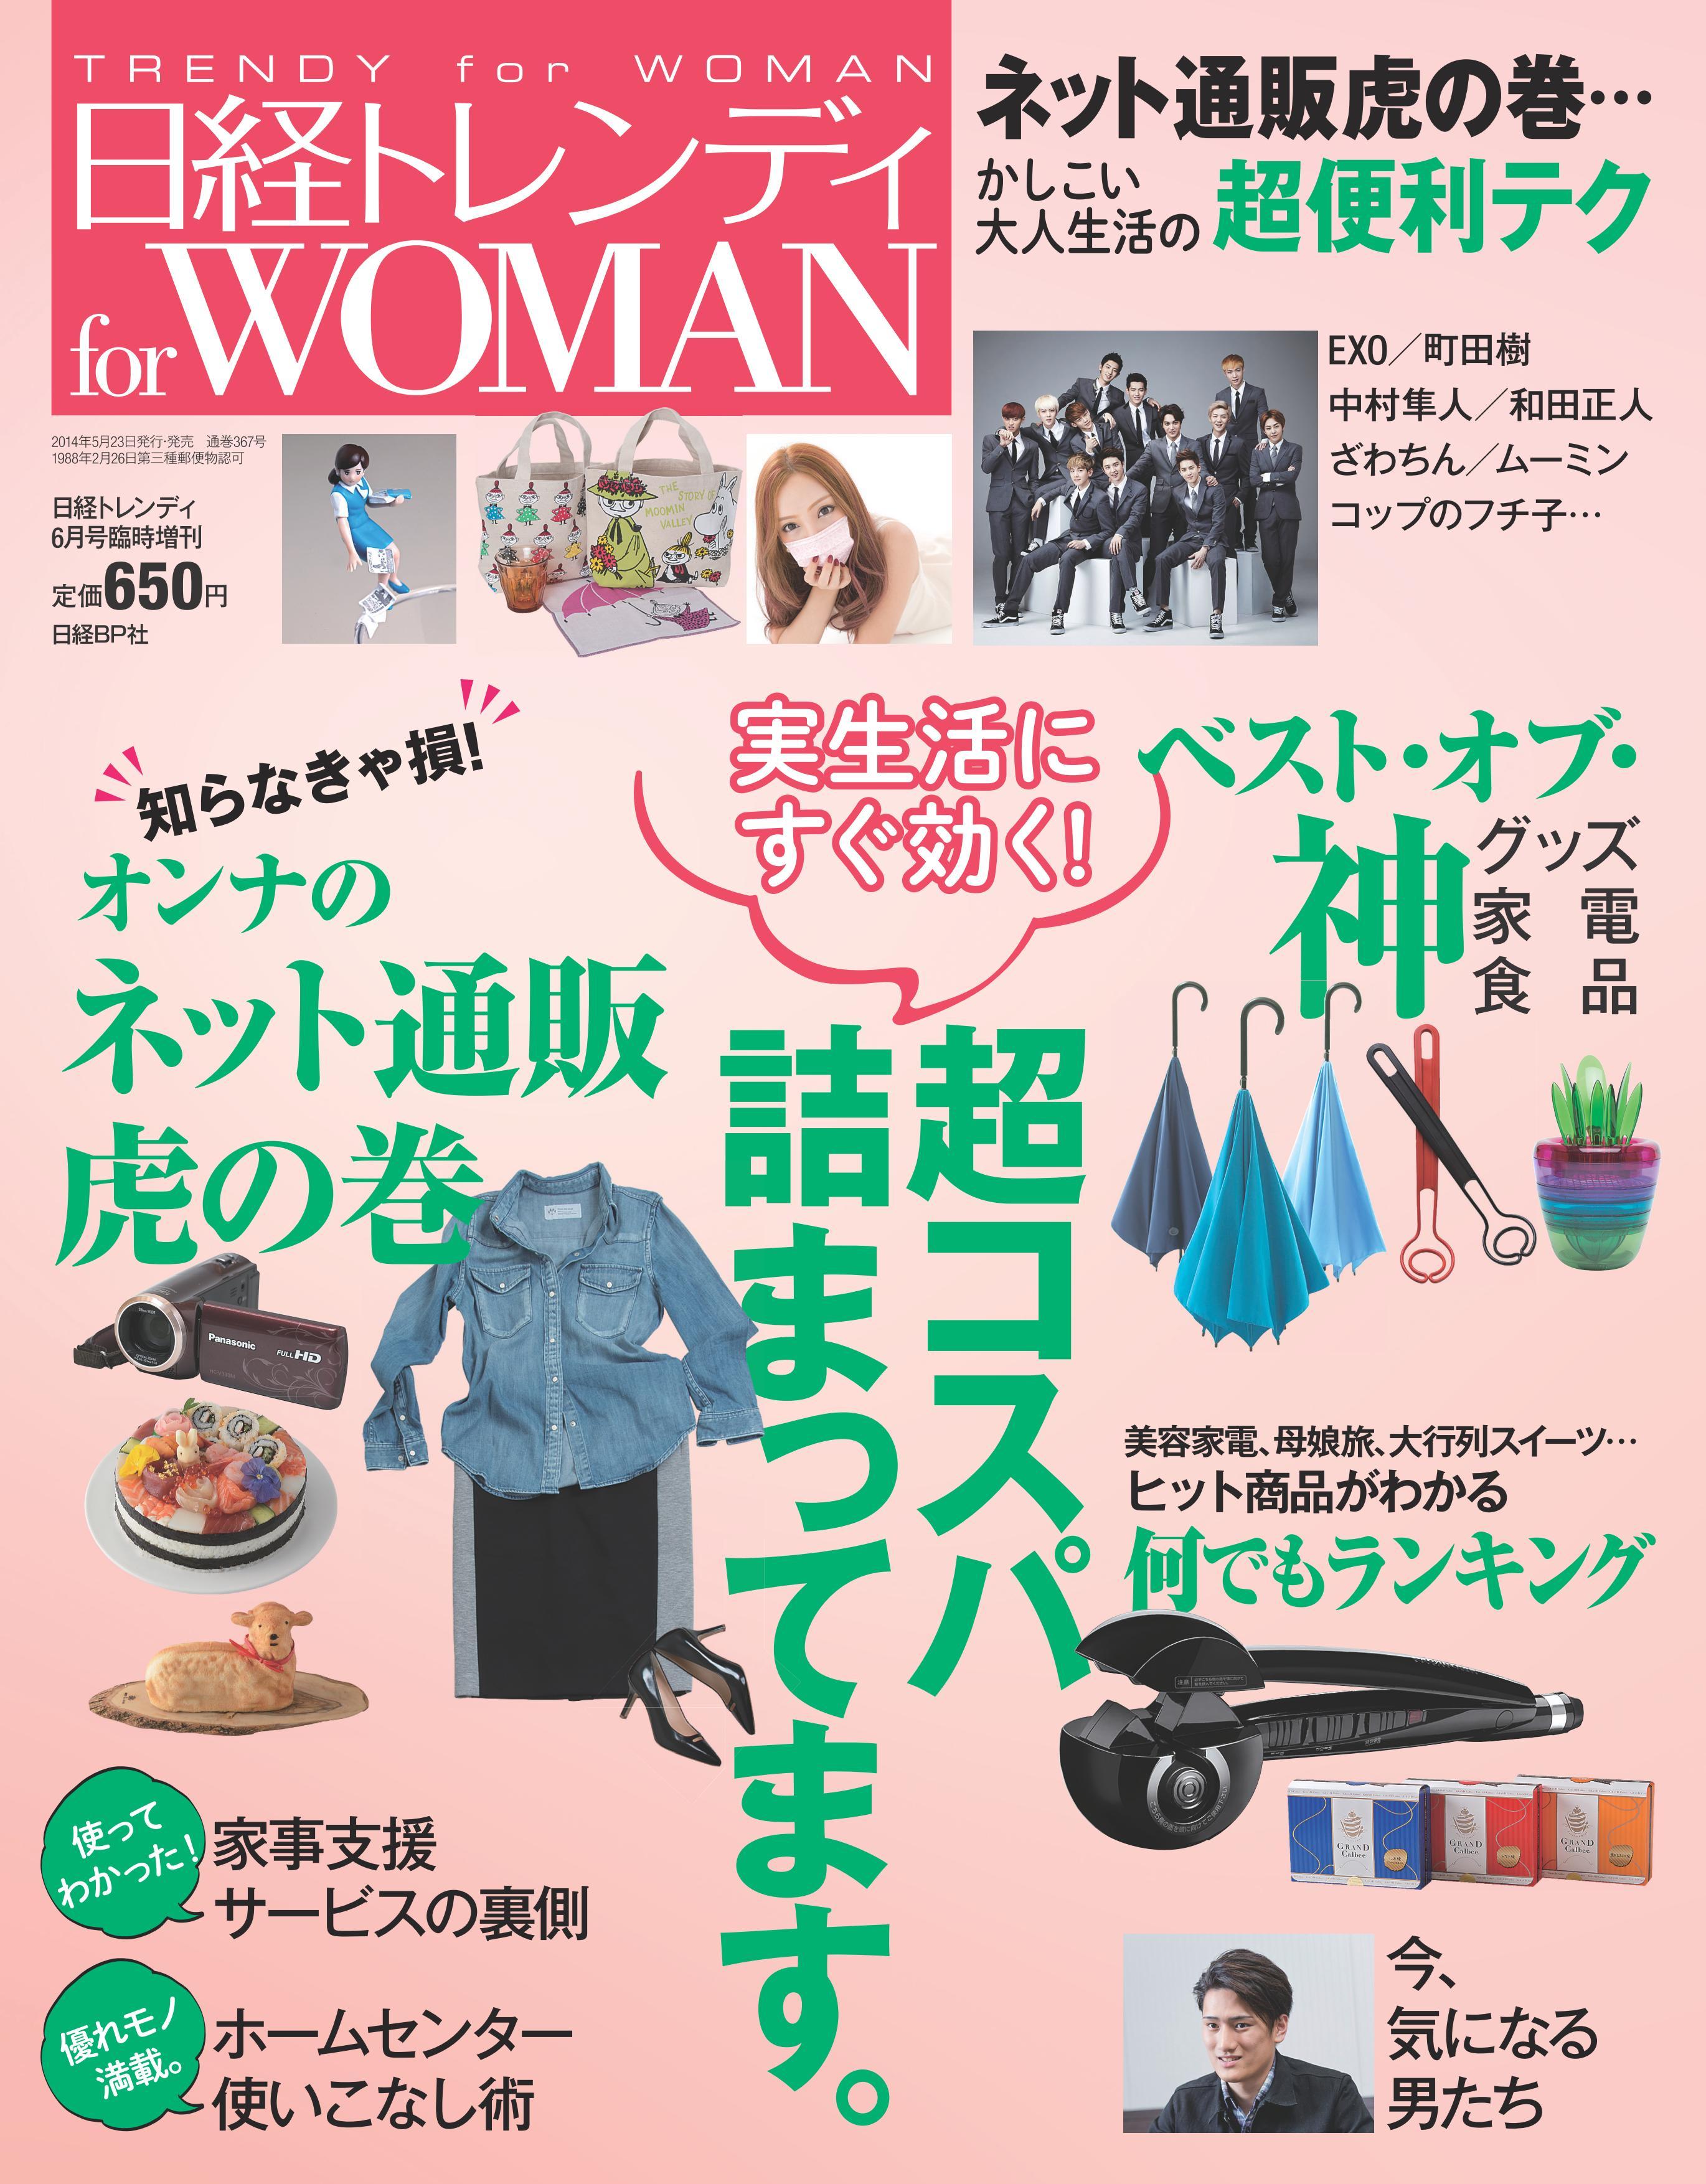 日経トレンディ 6月号臨時増刊「日経トレンディ for WOMAN」